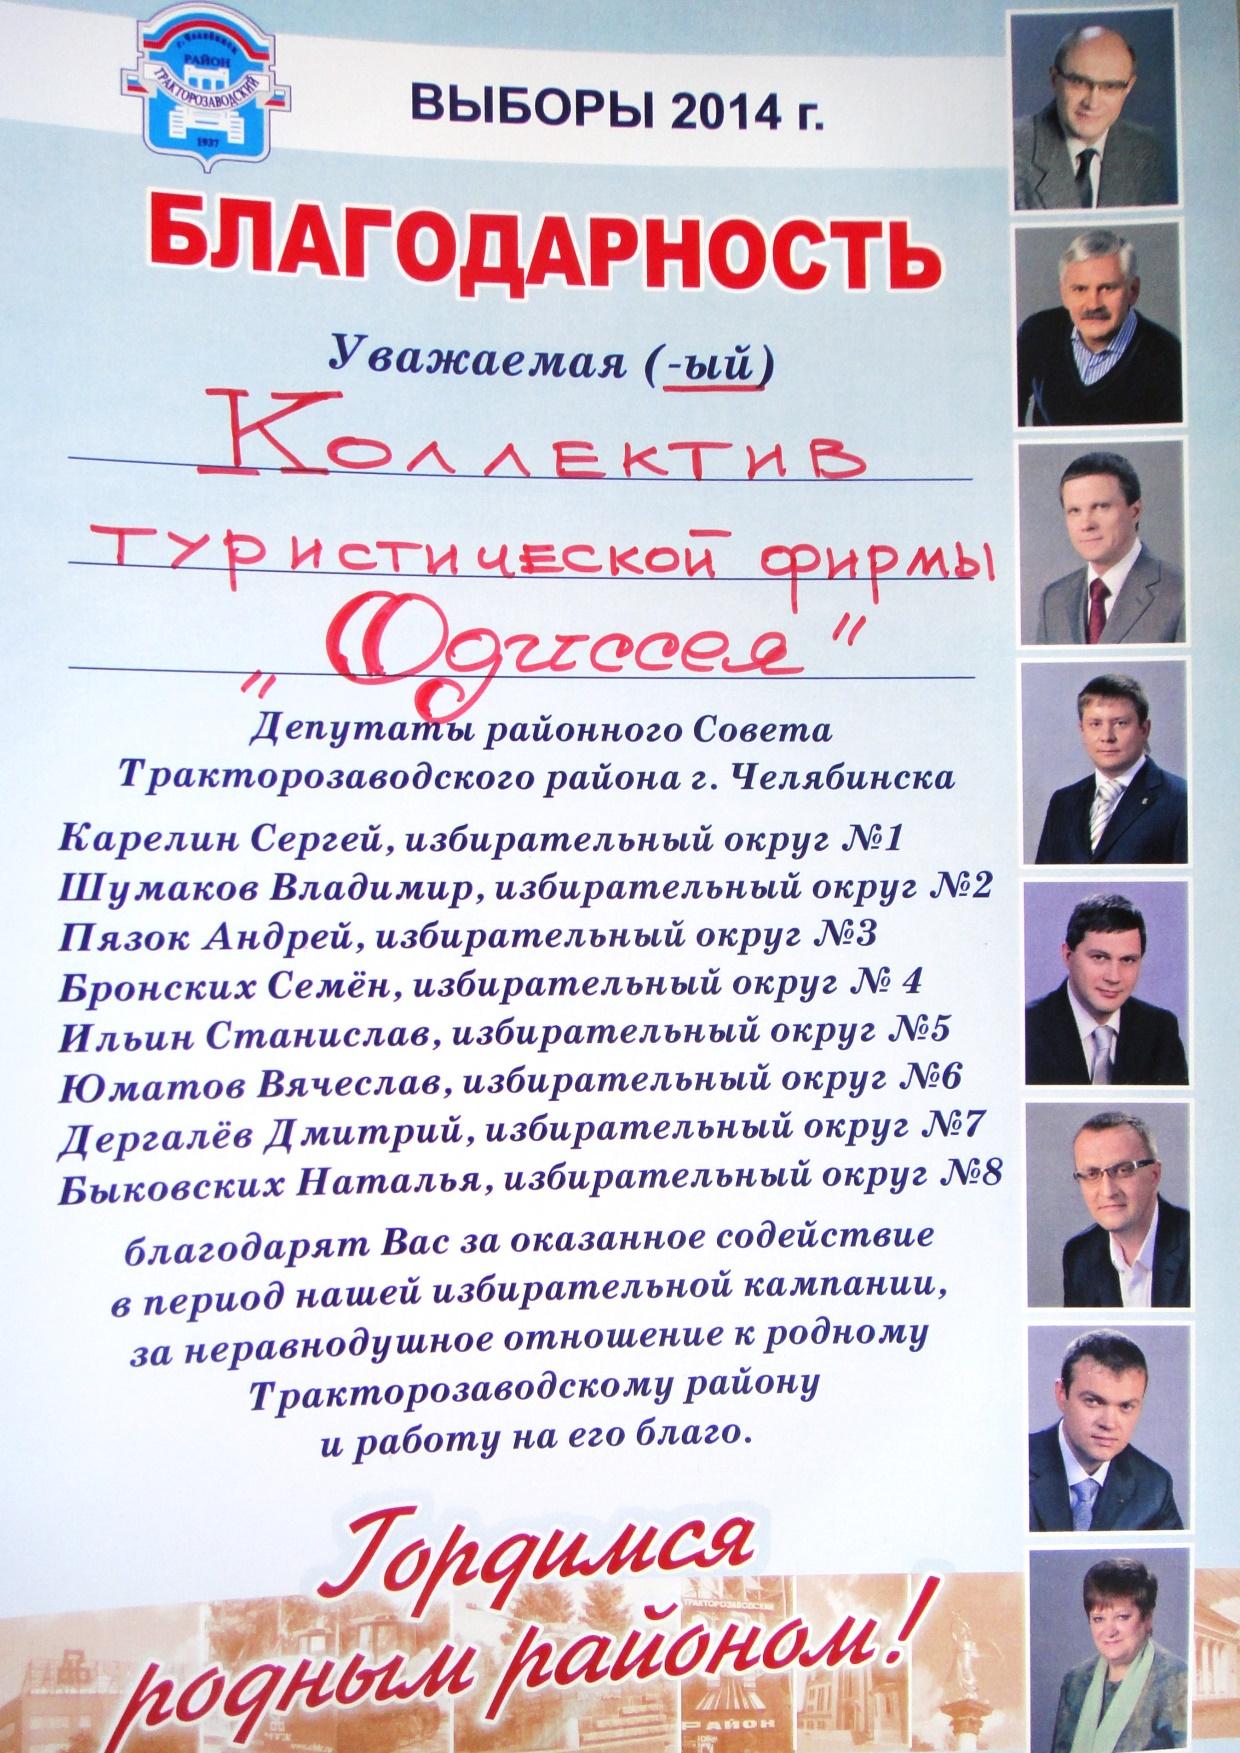 Благодарность Совета депутатов